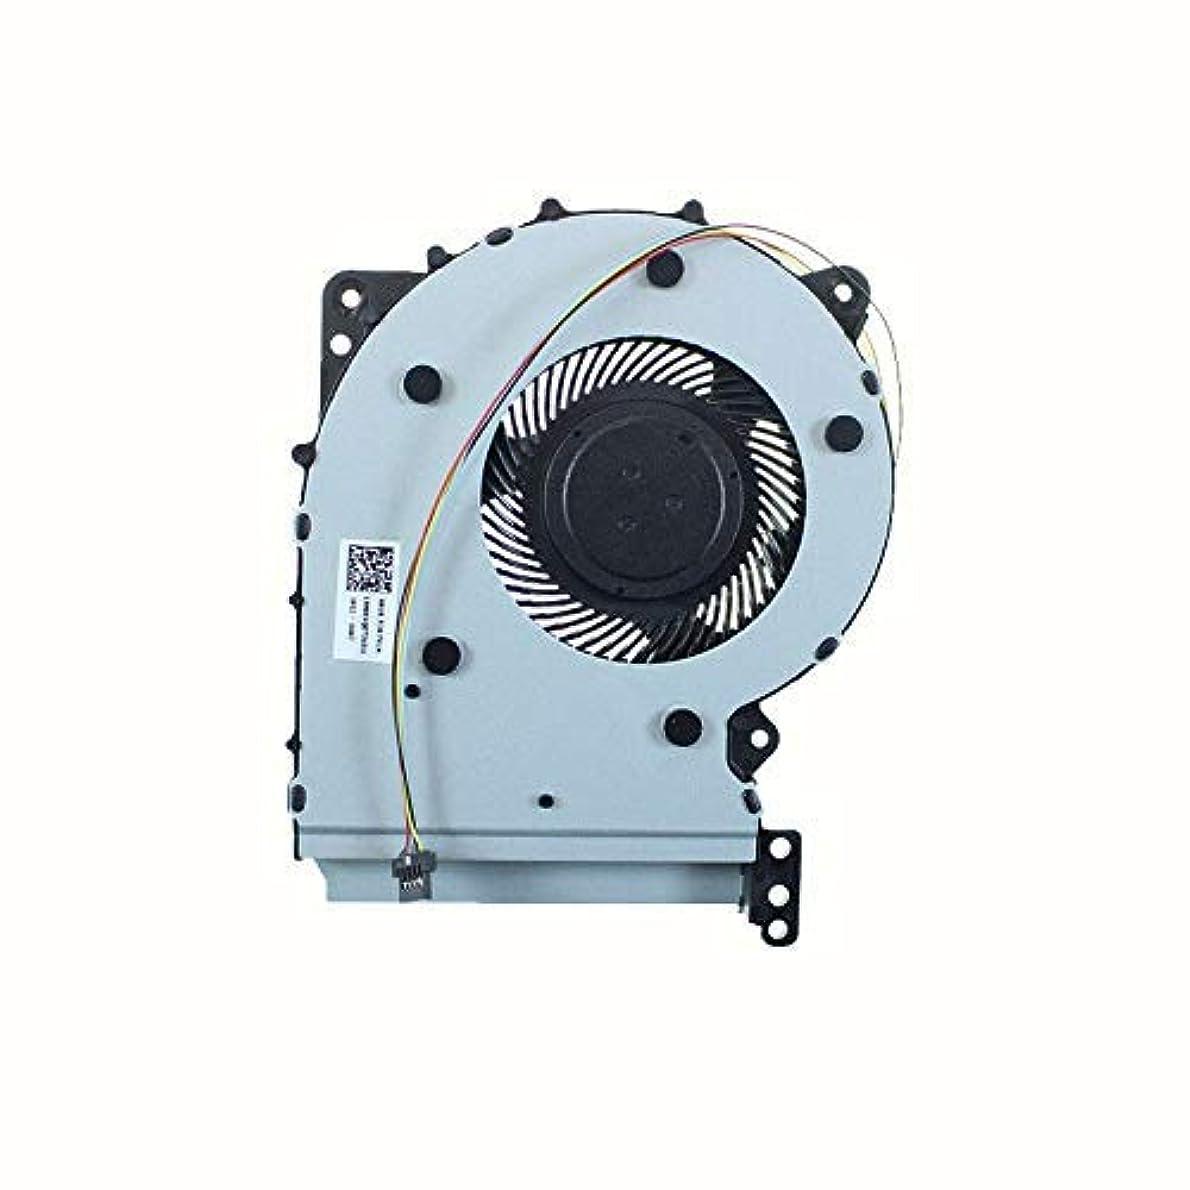 最大化するヤング呼び起こすノートパソコン CPUファン適用される ASUS A407UB A407MA A407UF A407UA P/N:13NB0HQ0T01011